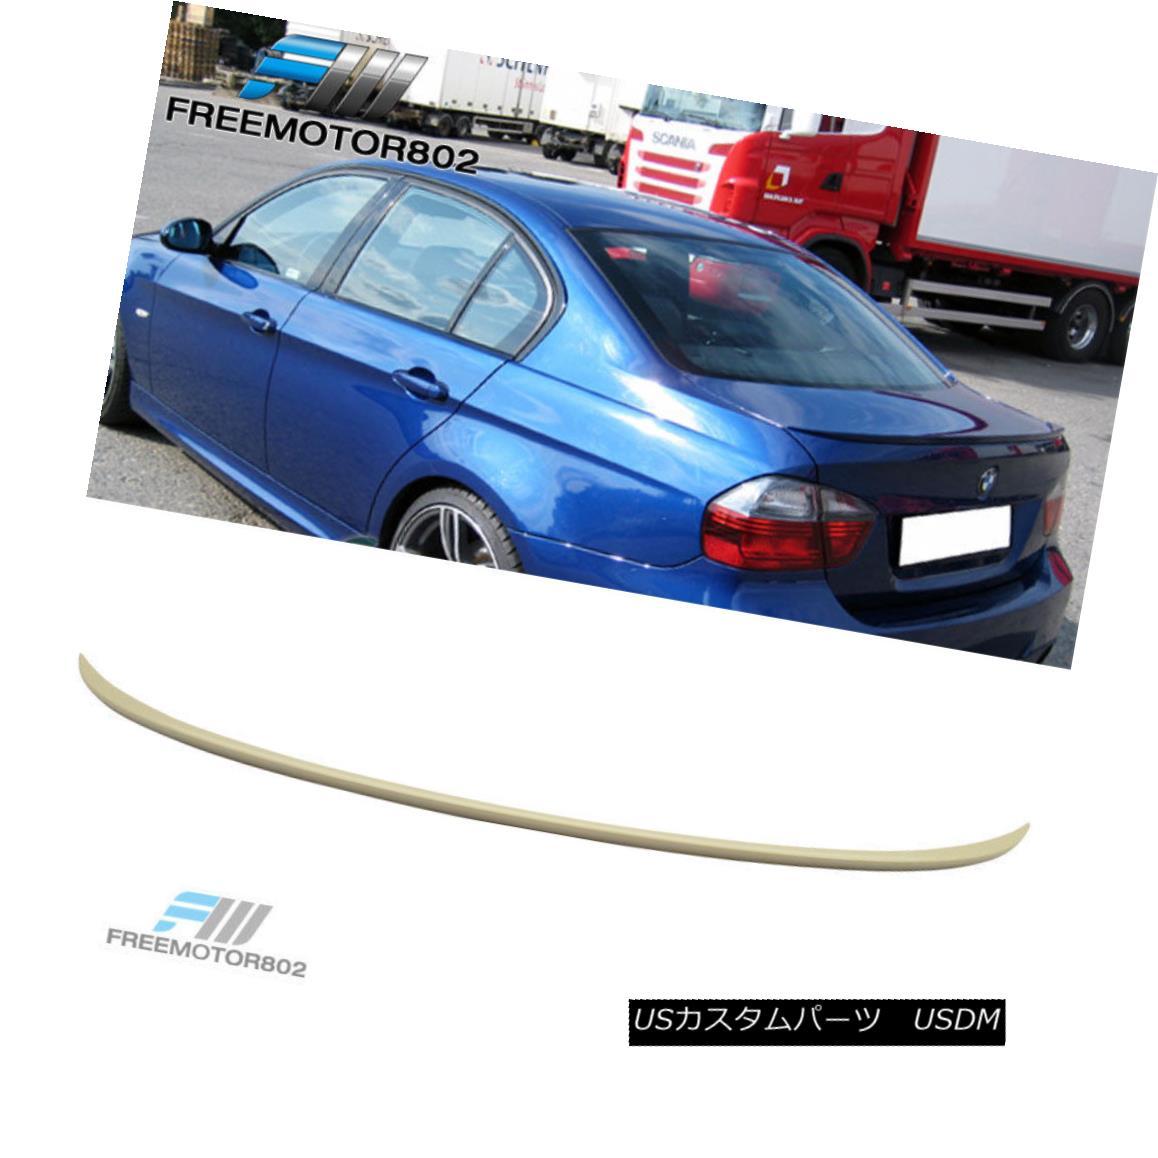 エアロパーツ Fit 06-11 BMW E90 325i 328i 335i 3-Series Sedan Rear Trunk Spoiler Wing ABS フィット06-11 BMW E90 325i 328i 335i 3シリーズセダンリアトランクスポイラーウィングABS